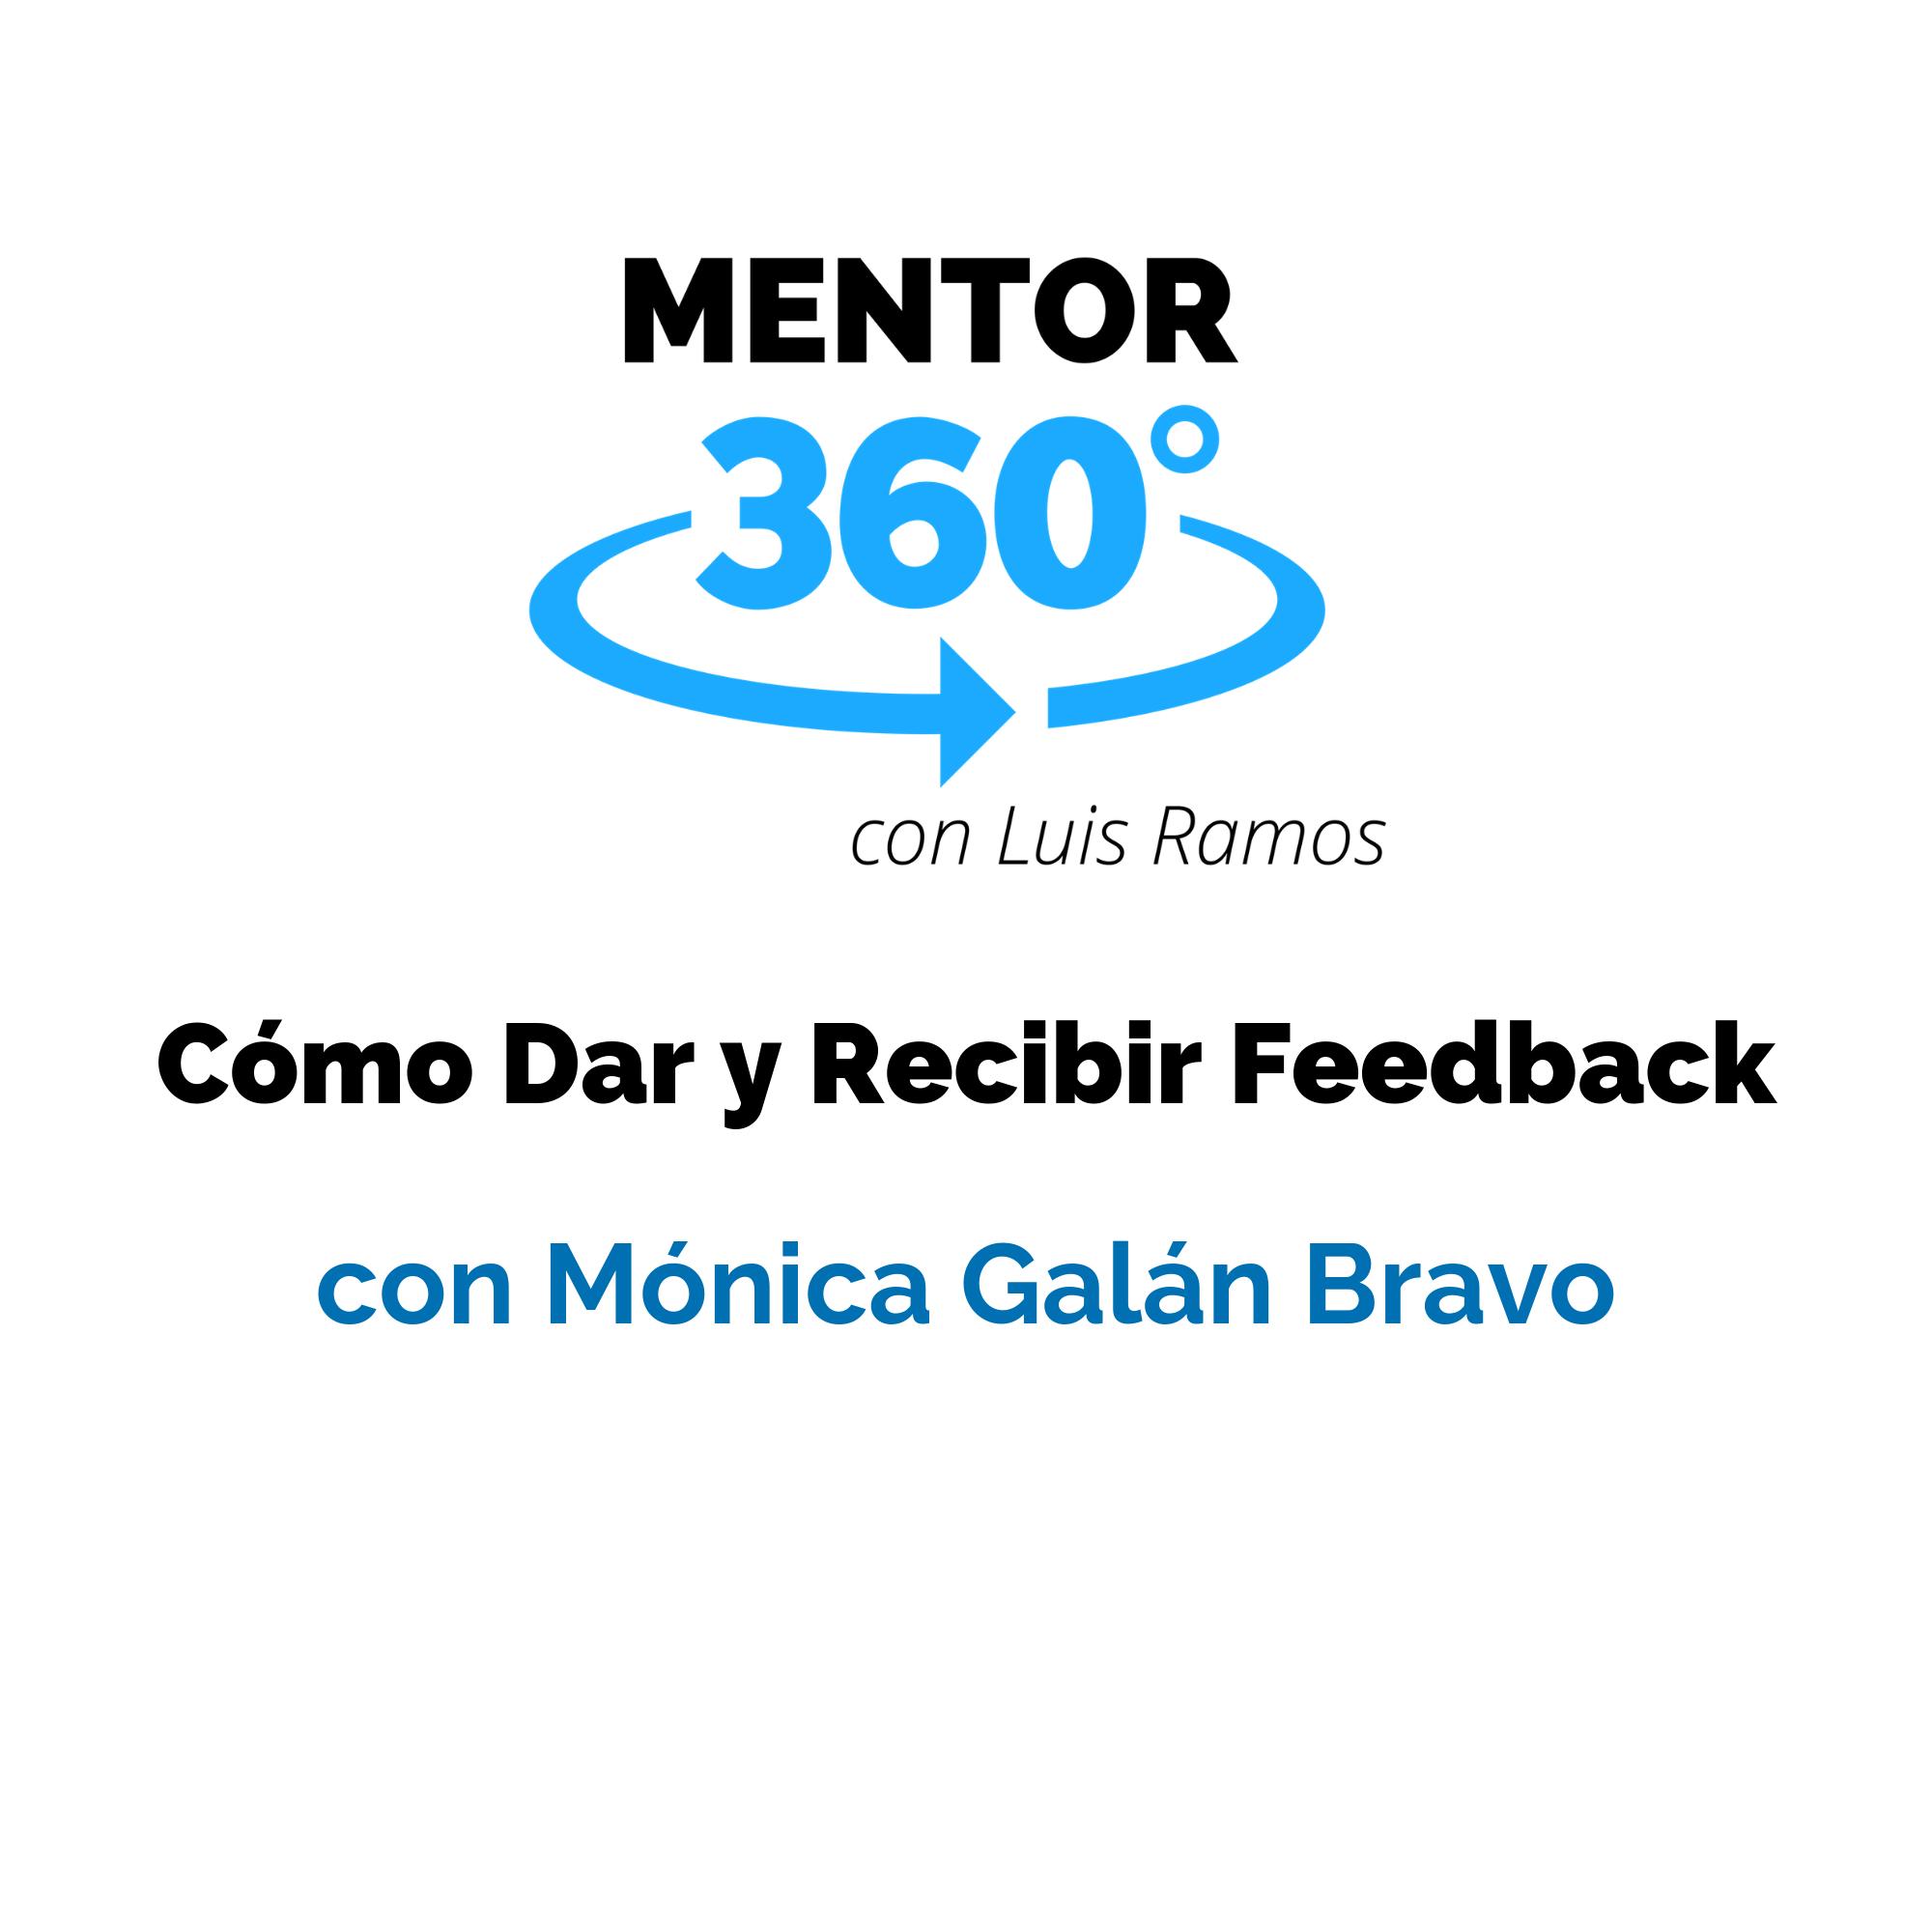 Cómo Dar y Recibir Feedback, con Mónica Galán Bravo - Comunicación - MENTOR360